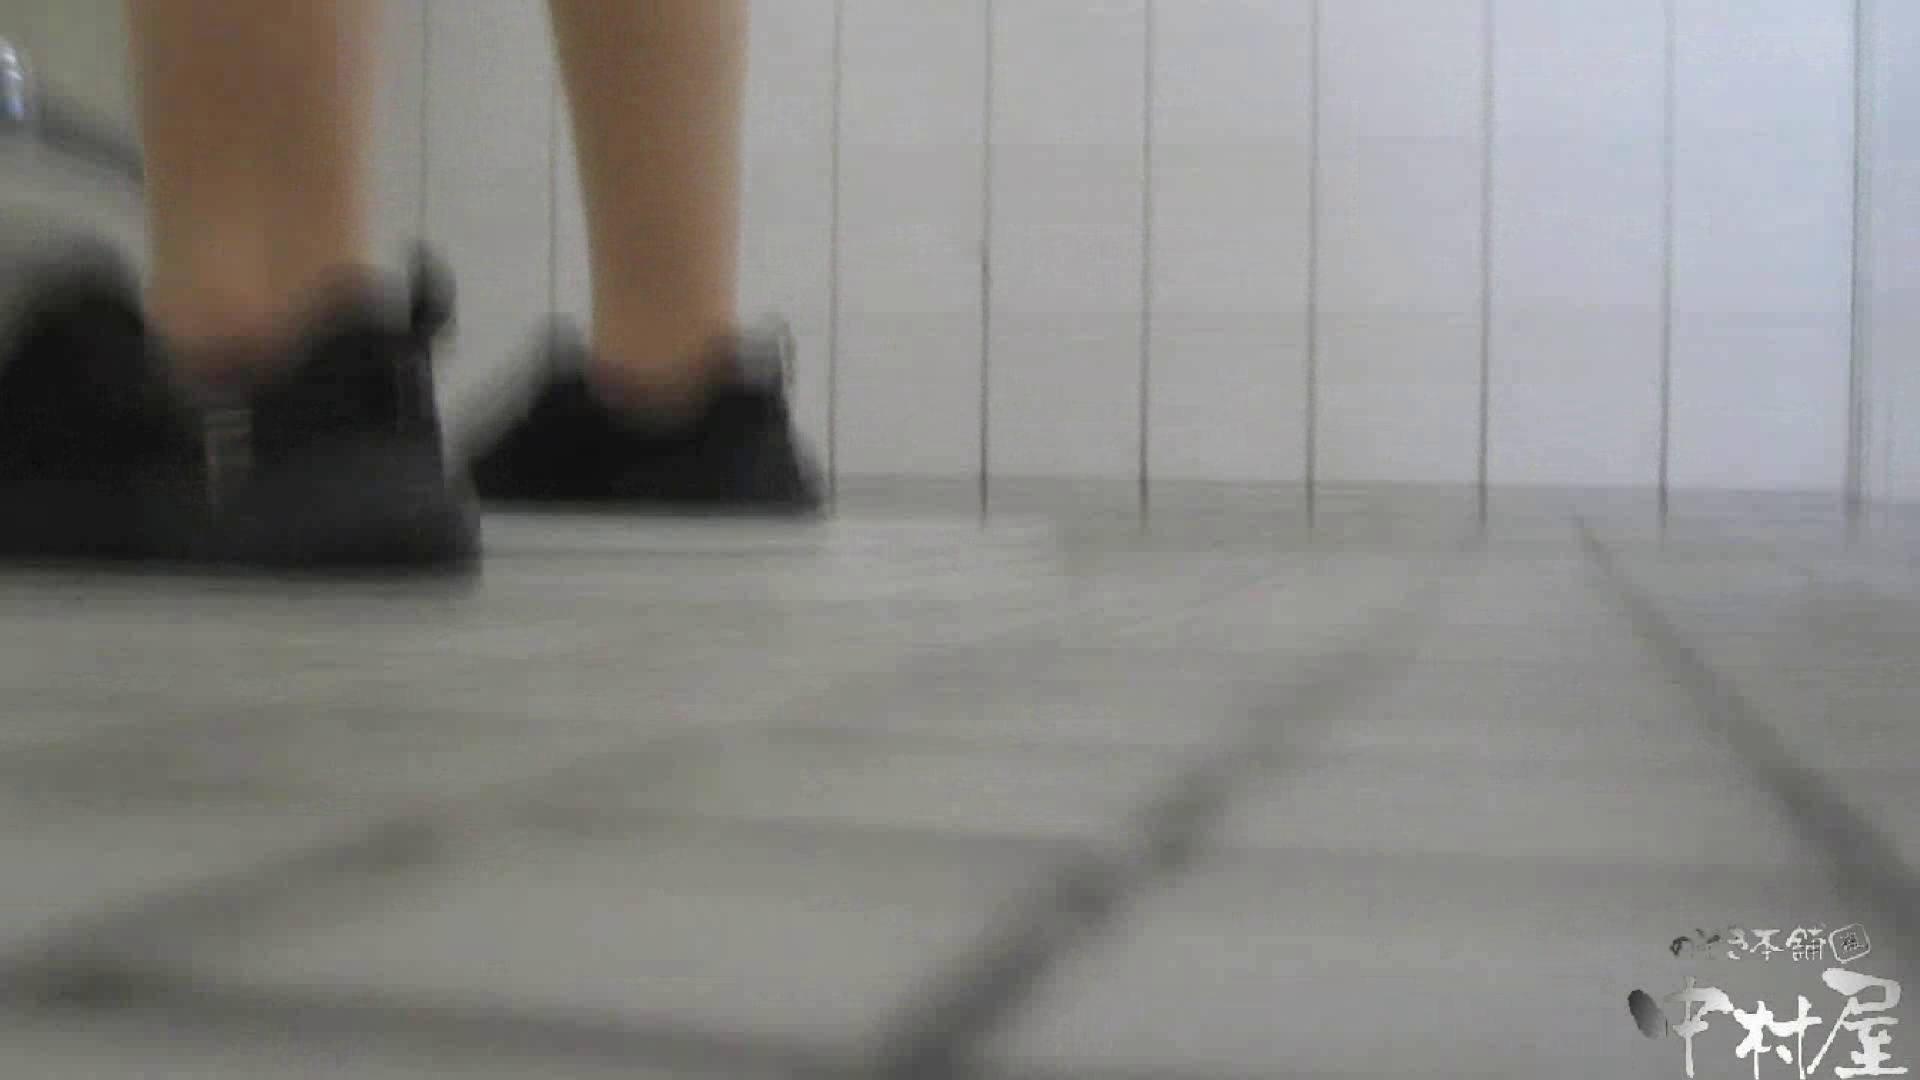 魂のかわや盗撮62連発! 運動靴の女! 37発目! 0  102pic 62